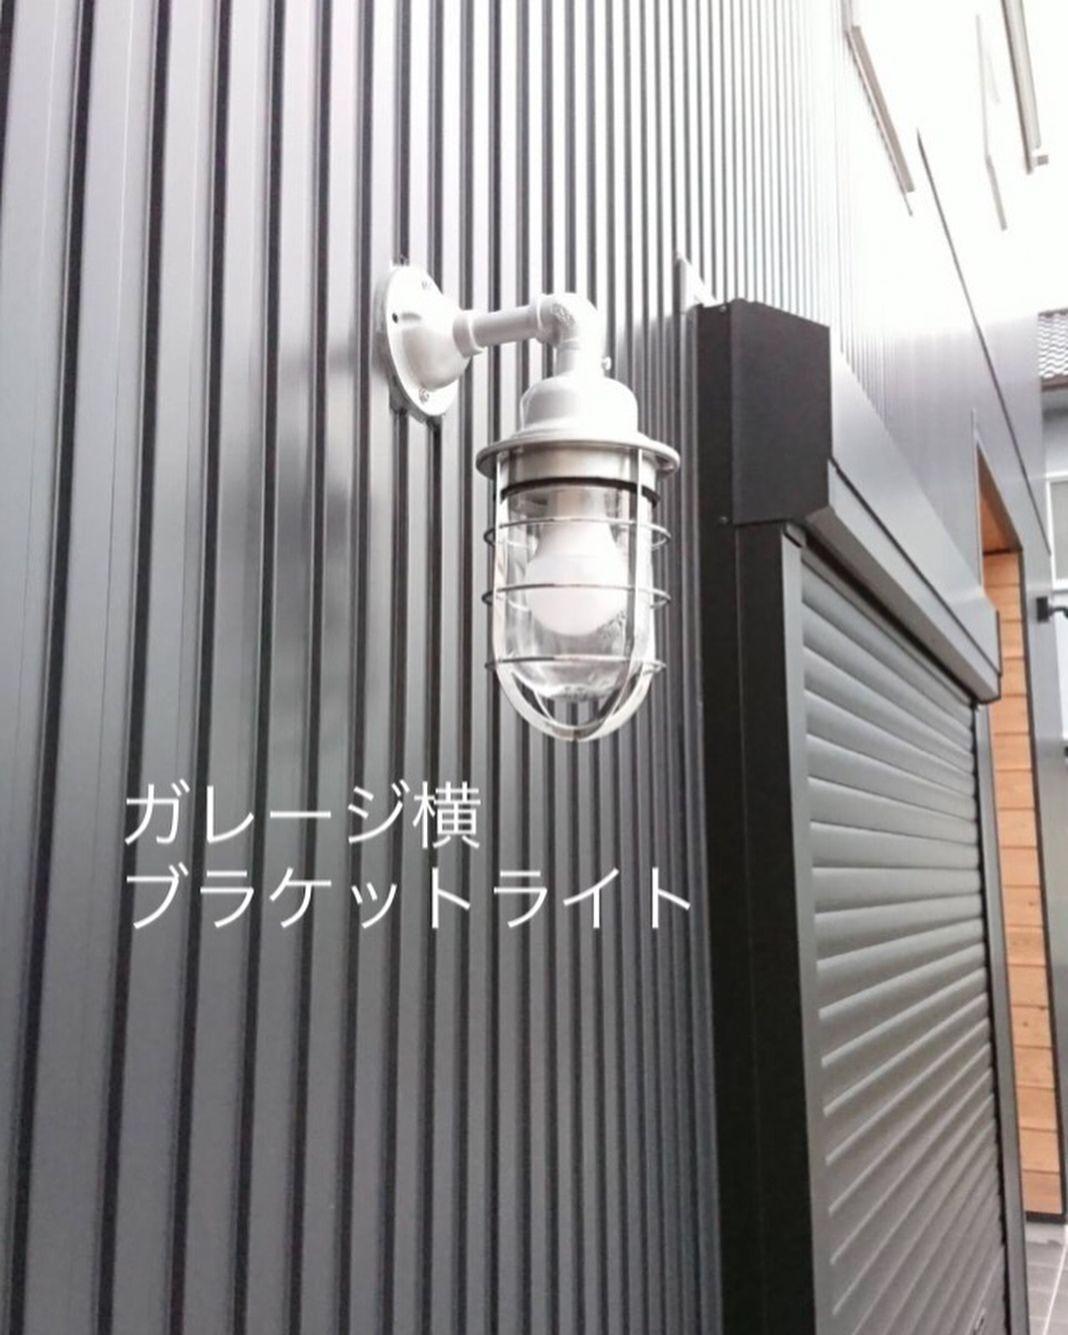 Chestnut Homeさんはinstagramを利用しています 室内ドア リクシルのヴィンティア 床の色に合わせて トイレ ボトルグリーンのガラス付きドア ドアノブ丸 洗面所 ネイビーブルー 引き戸 マイホーム マイホーム計画 マイホーム記録 マイホーム作